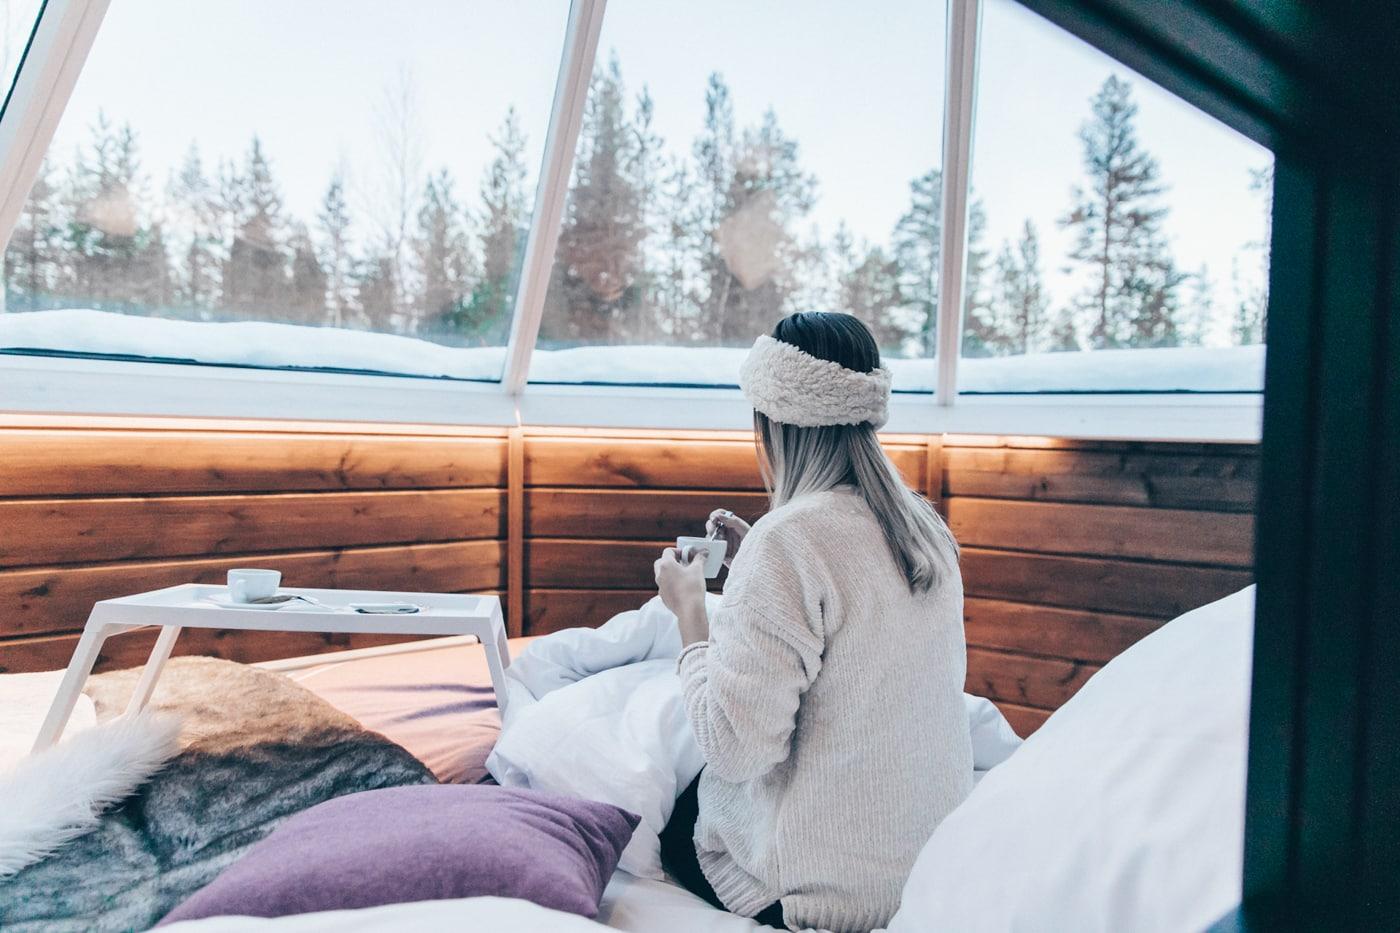 ID5A5387 - Récap de notre voyage en Laponie Finlandaise